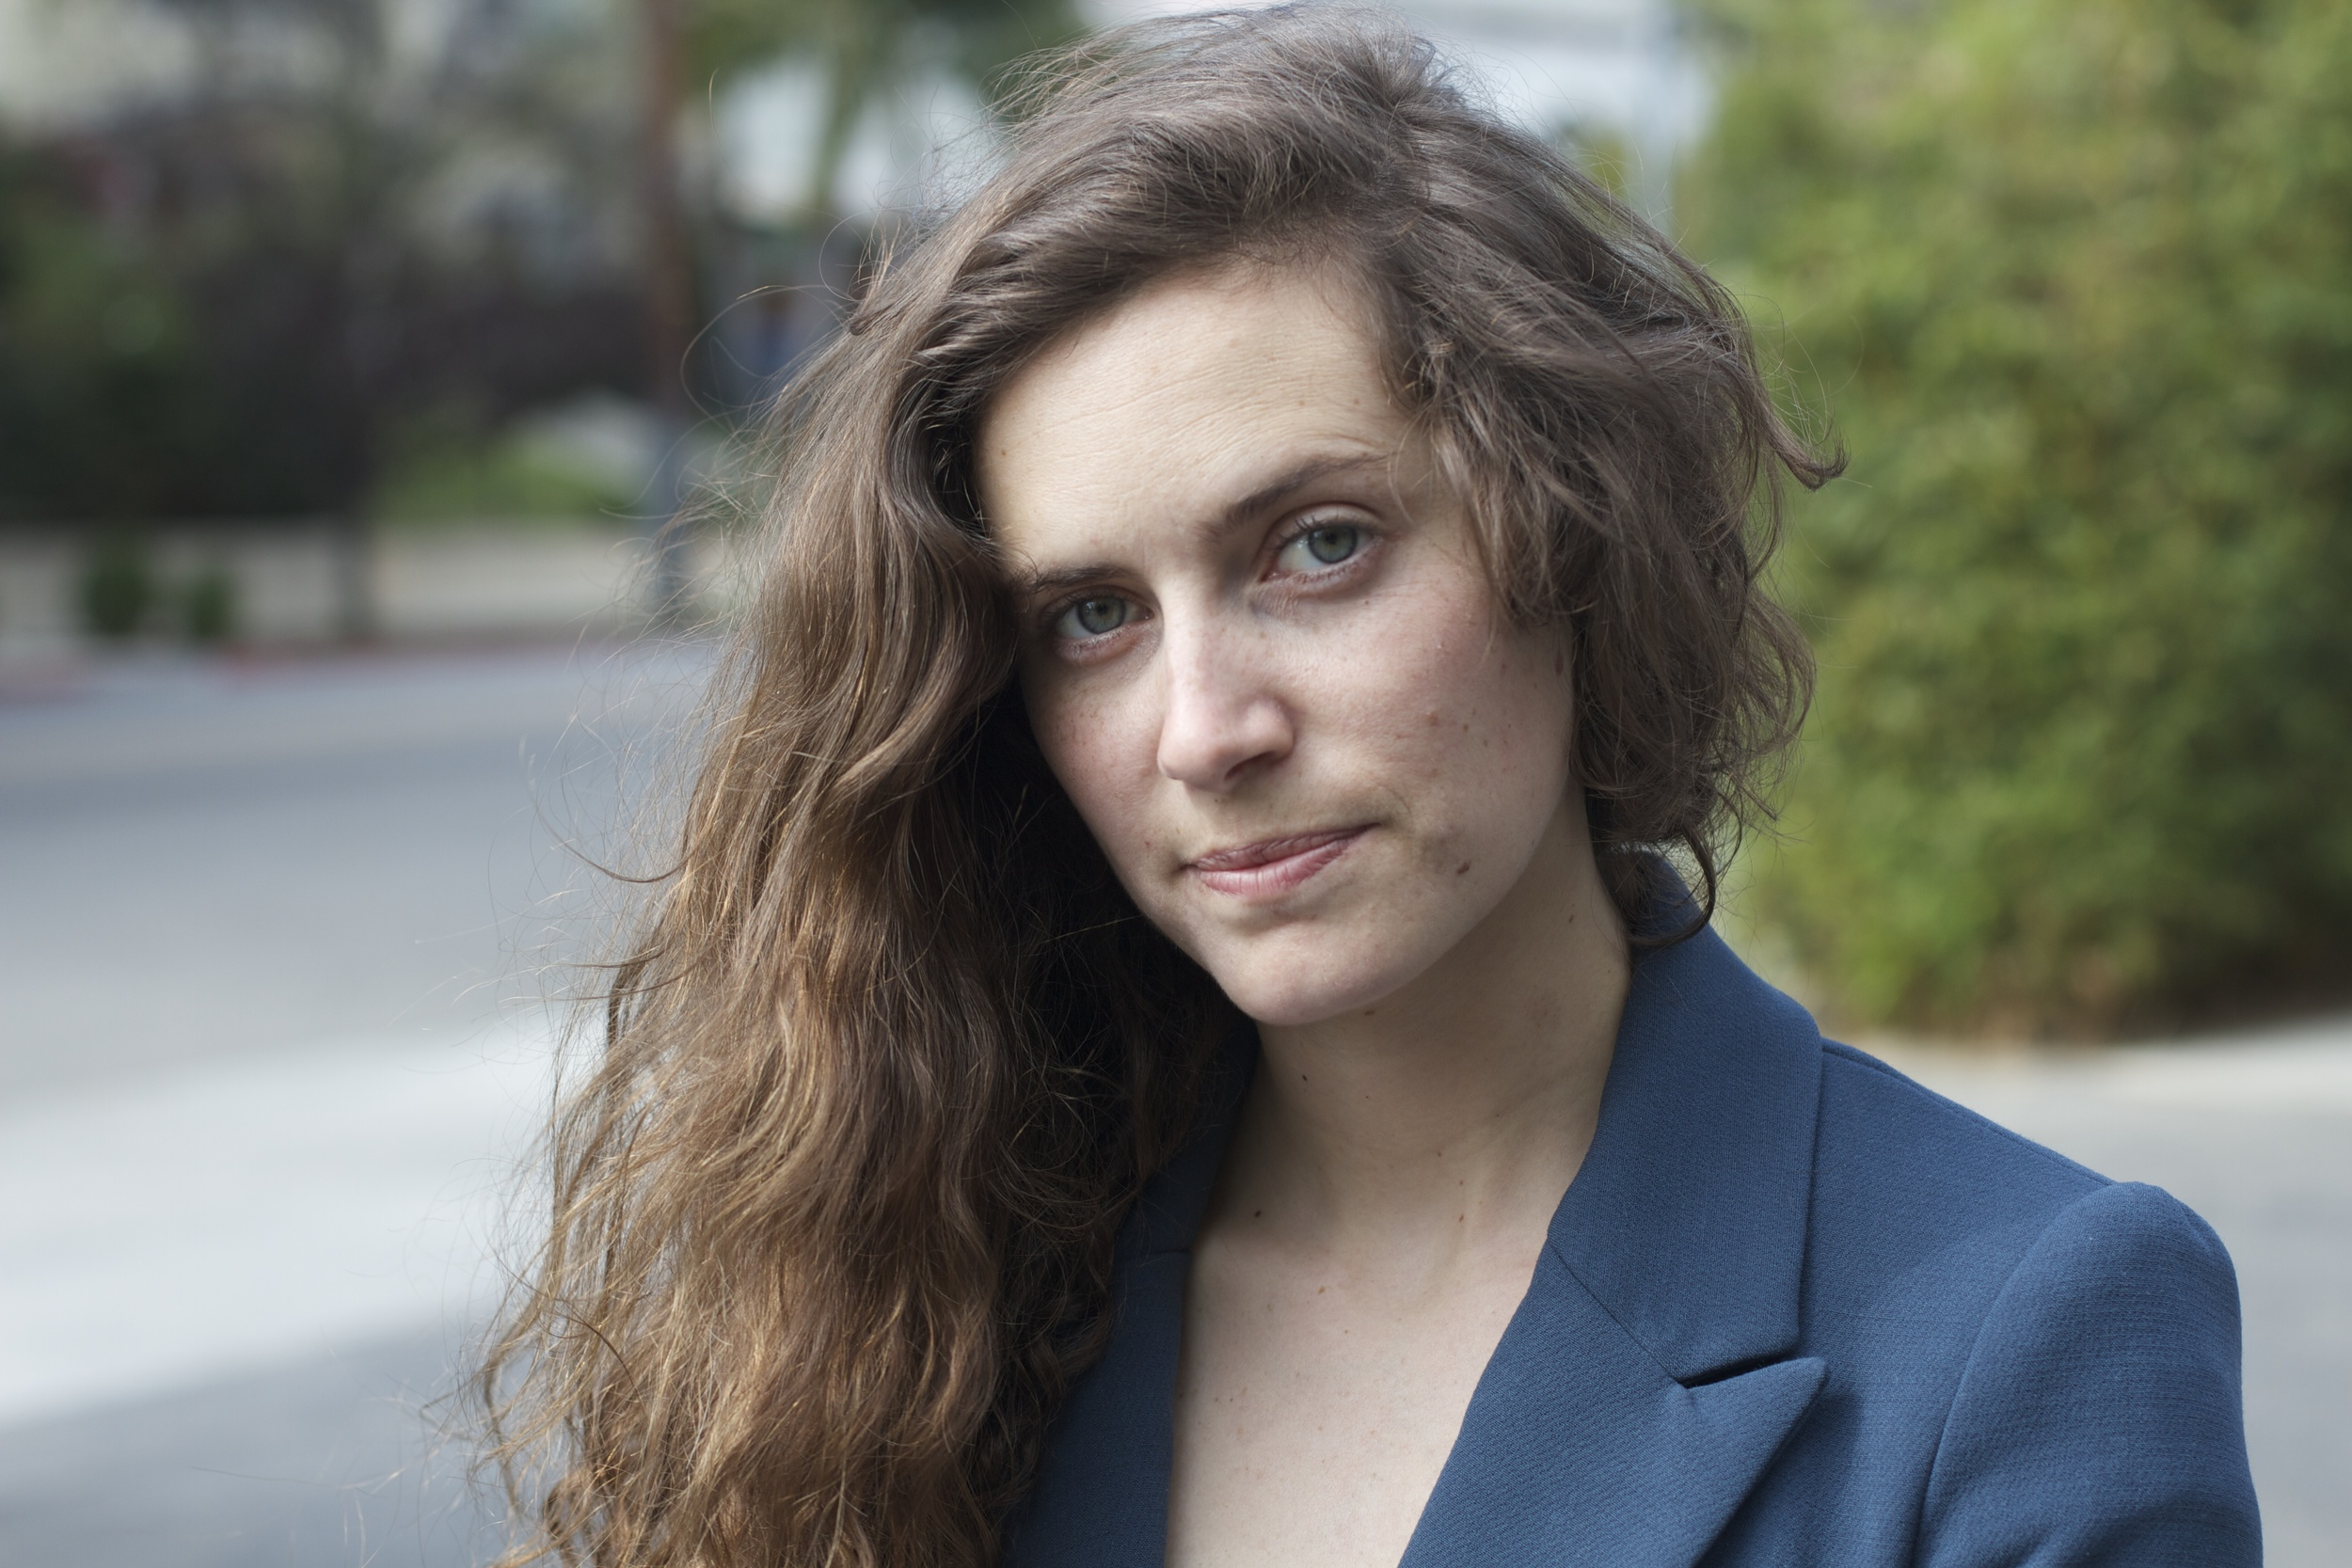 Lauren Cioffi